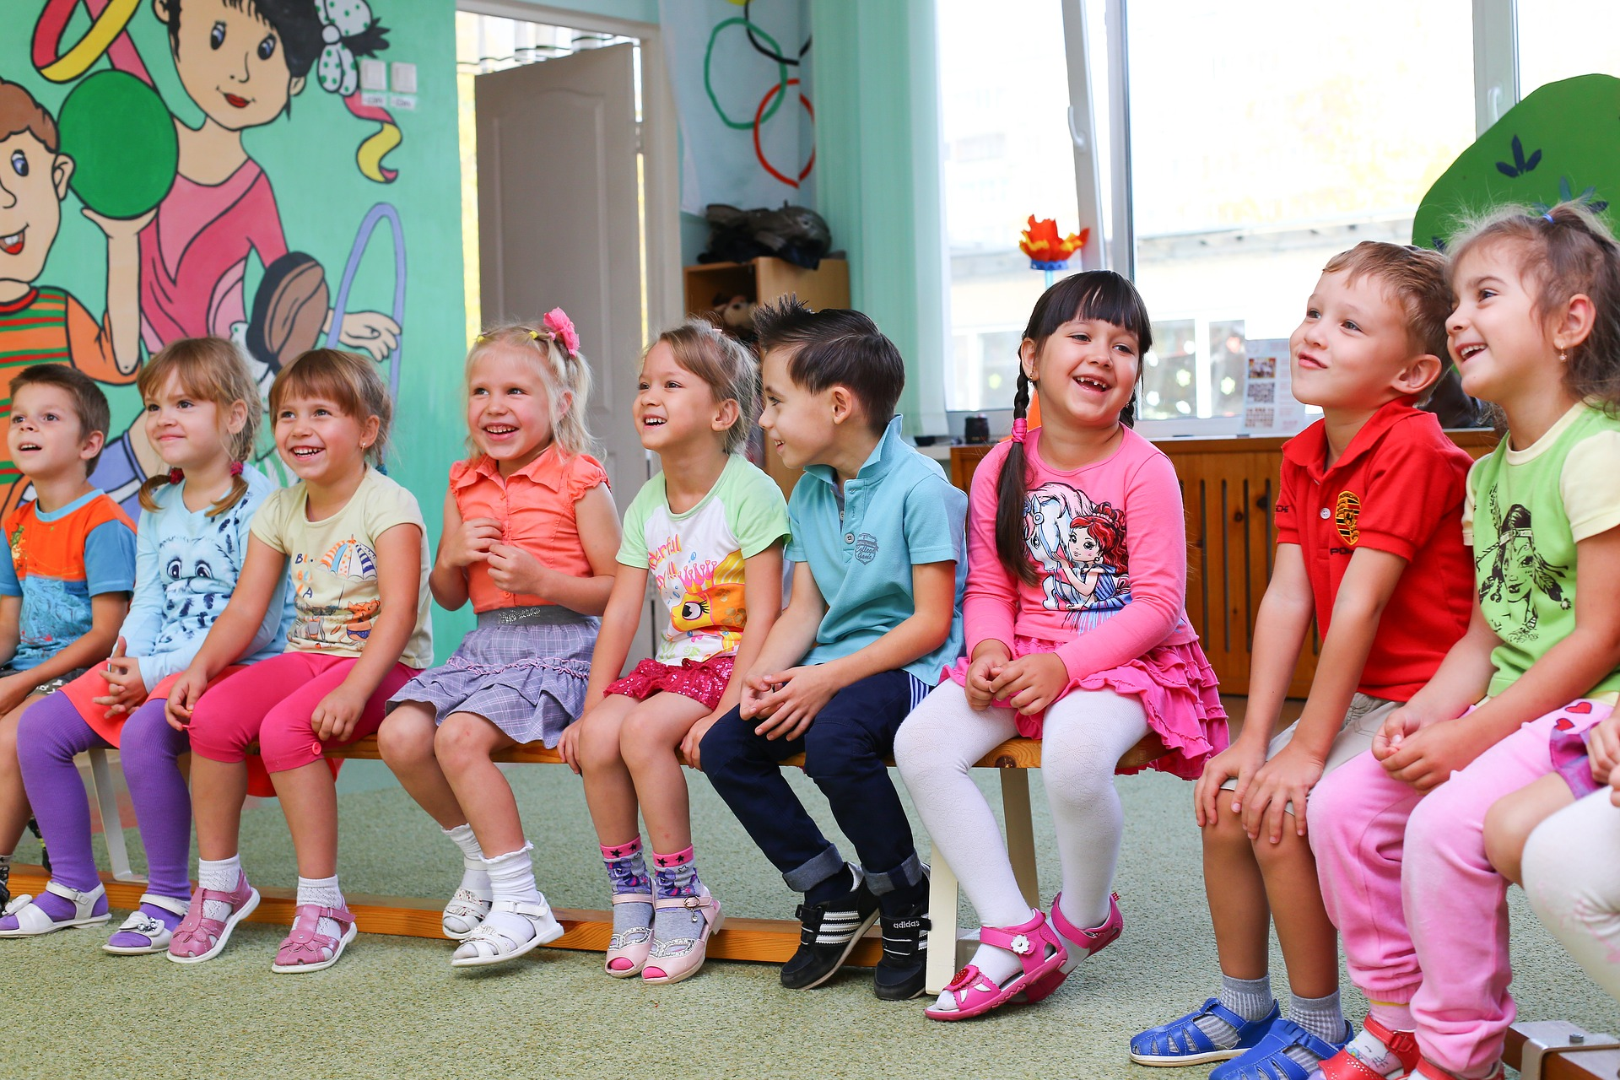 Na miejsce OPP żłobek i oddział przedszkolny